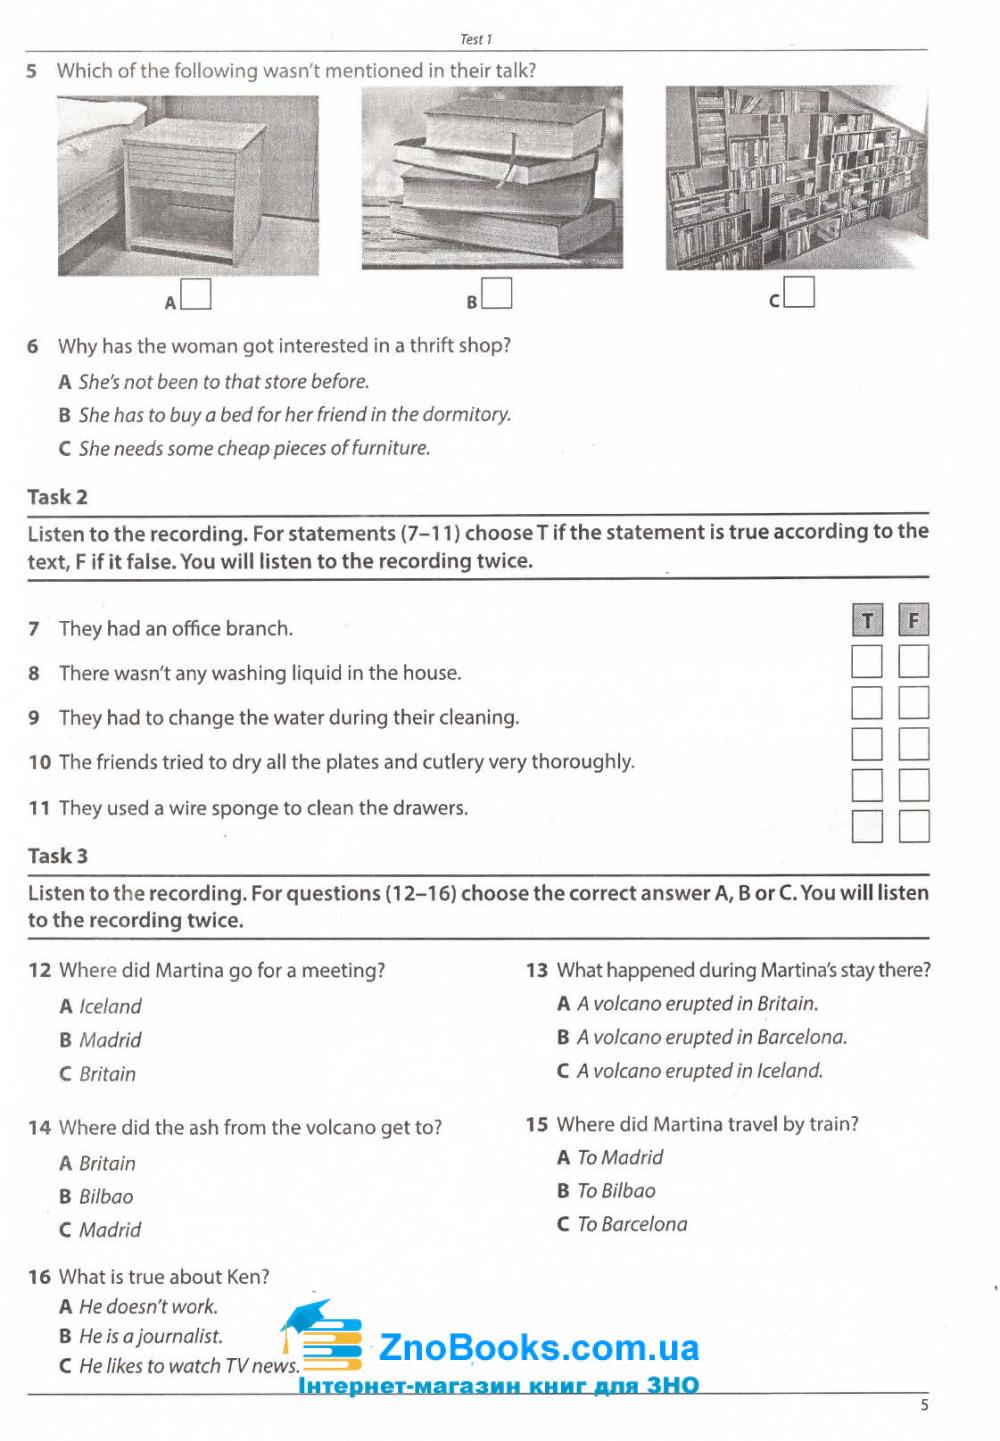 ЗНО 2020 Англійська мова. Complete Practice Test : Євчук О., Доценко І. Абетка купити 5